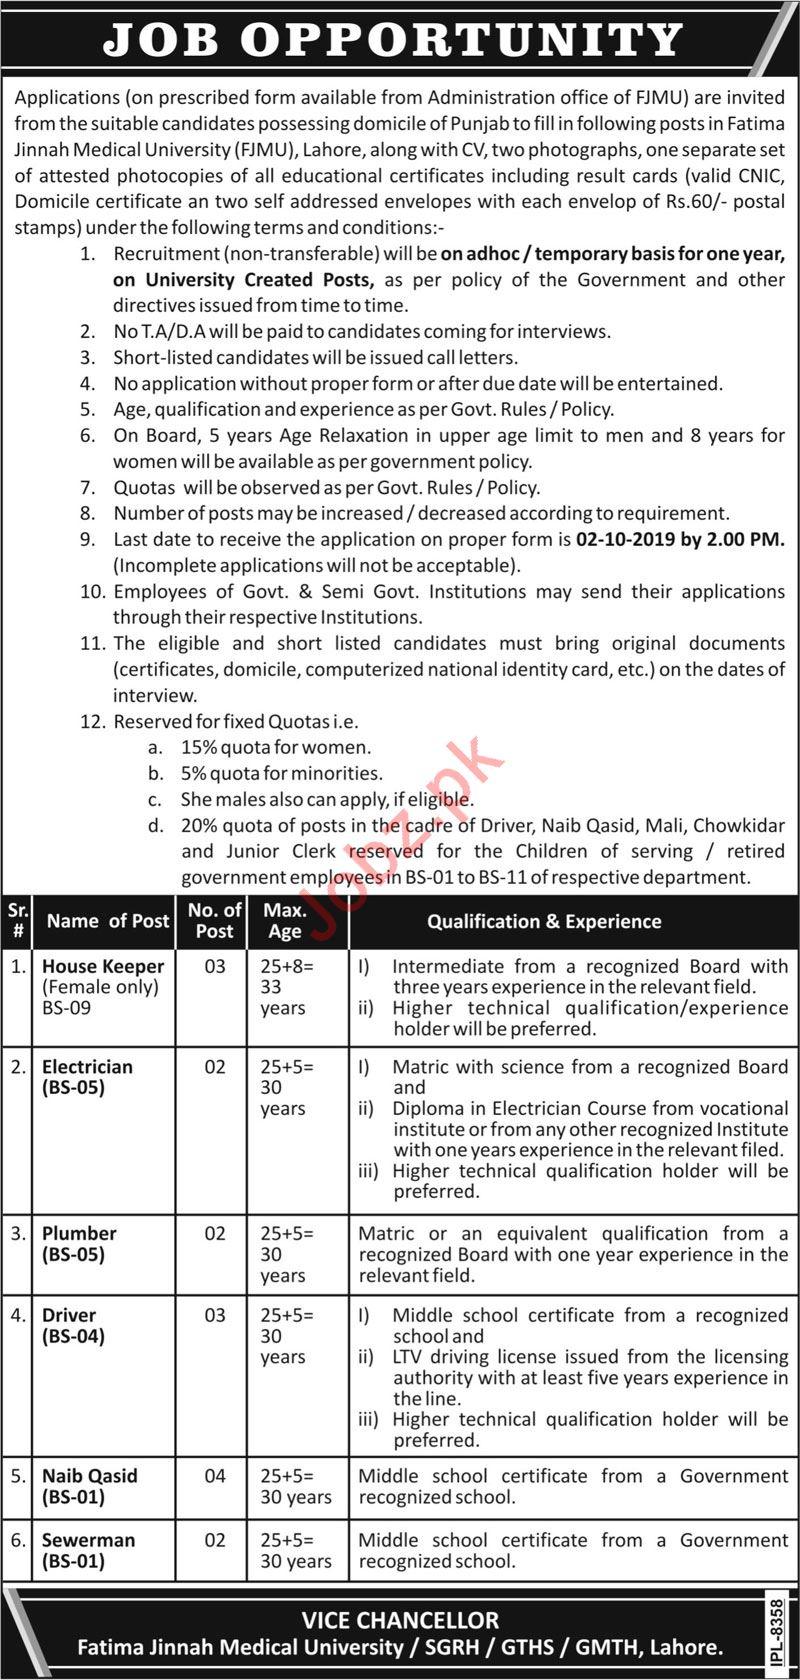 Fatima Jinnah Medical University FJMU Jobs in Lahore